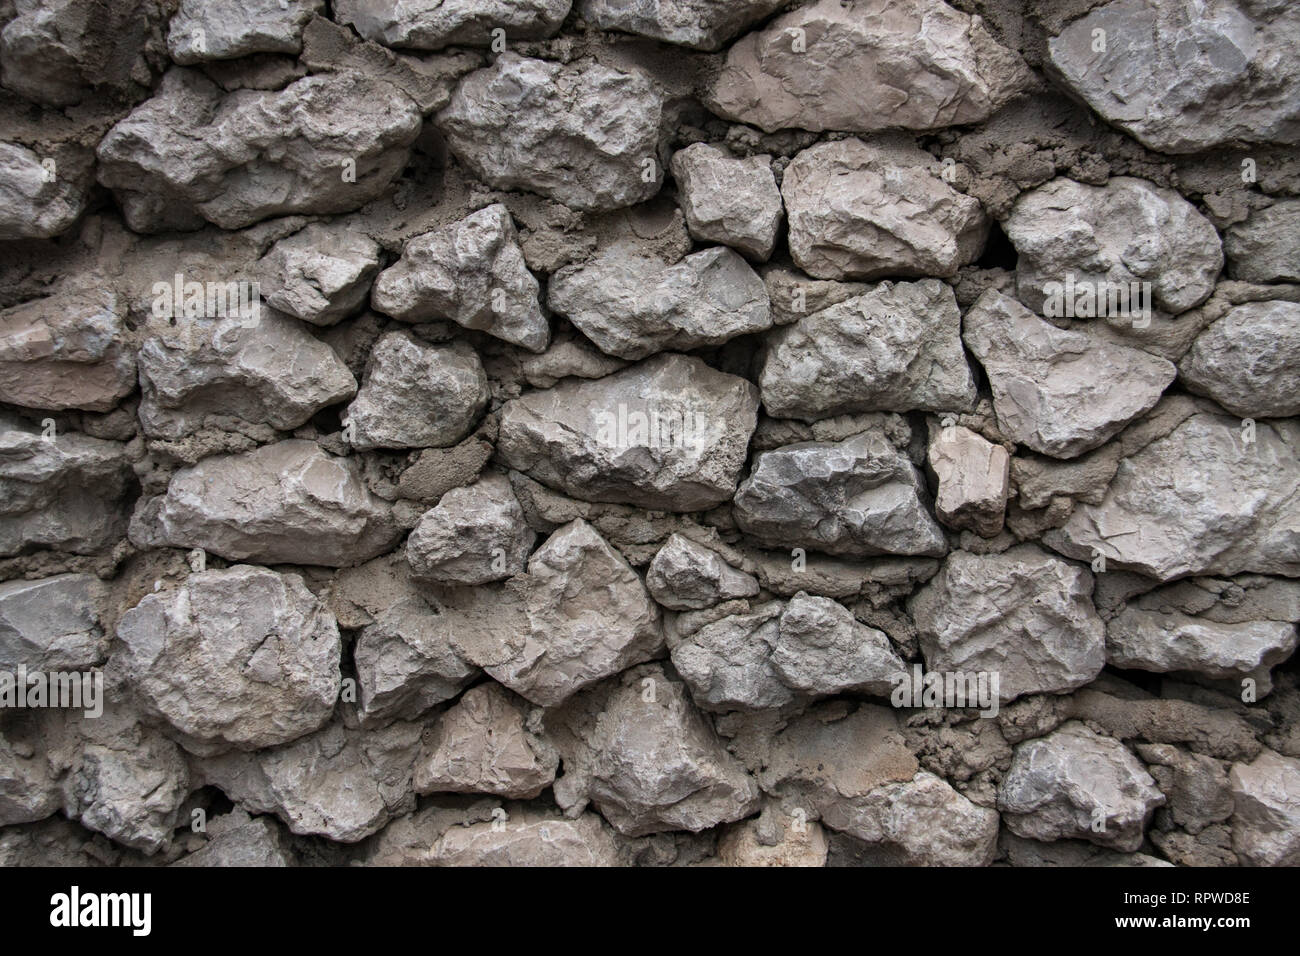 Muro Fatto In Pietra il muro fatto di pietre grigie e cemento foto & immagine